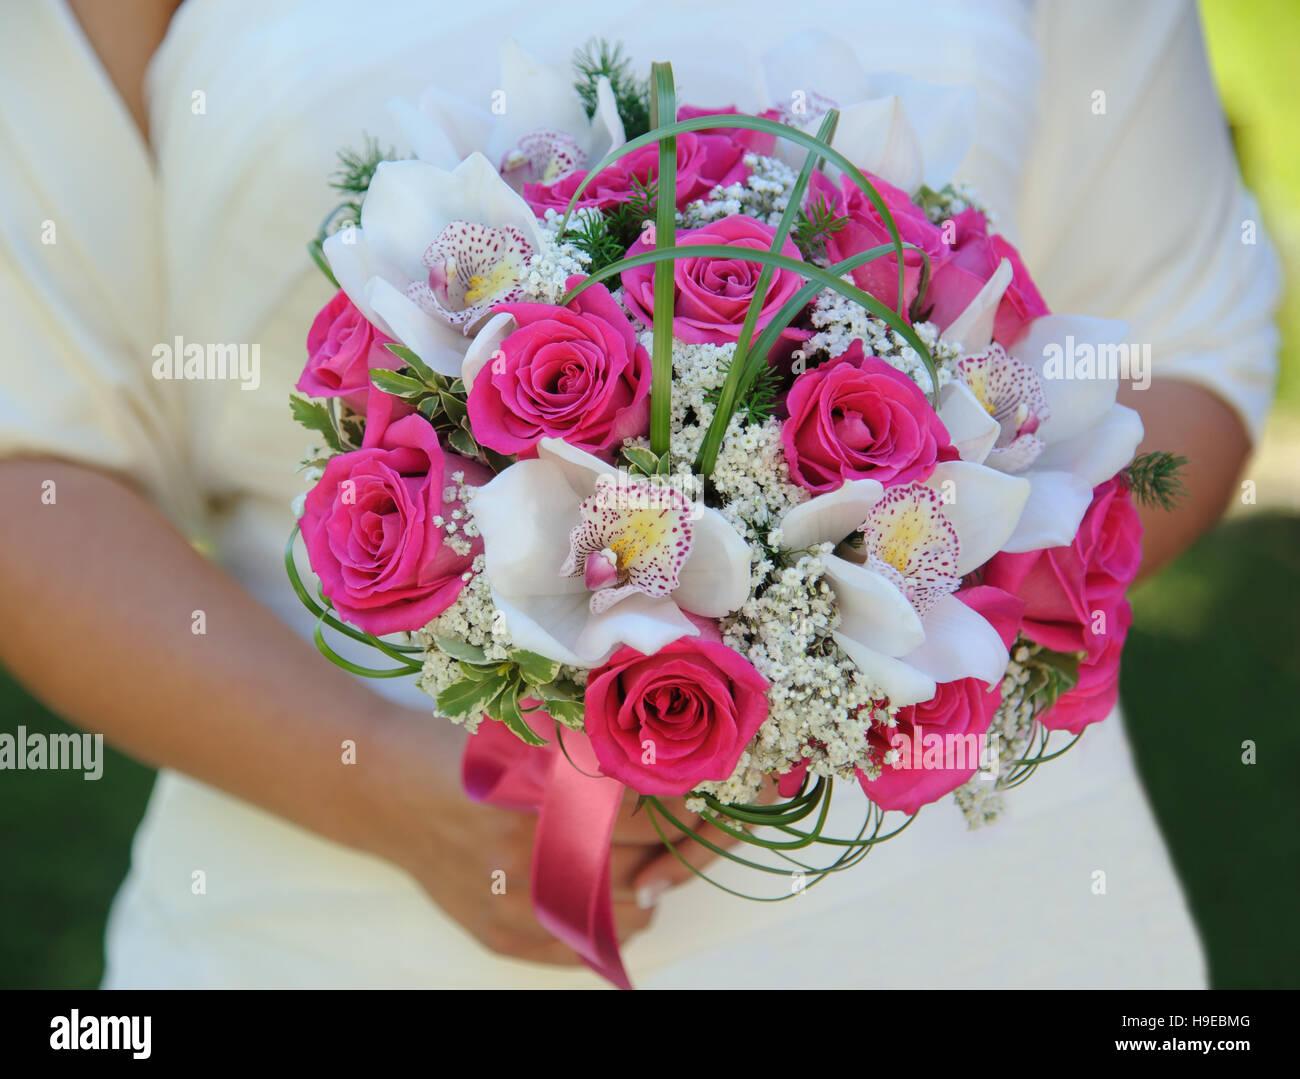 Brautstrauß mit rosa Rosen und Orchideen Stockbild